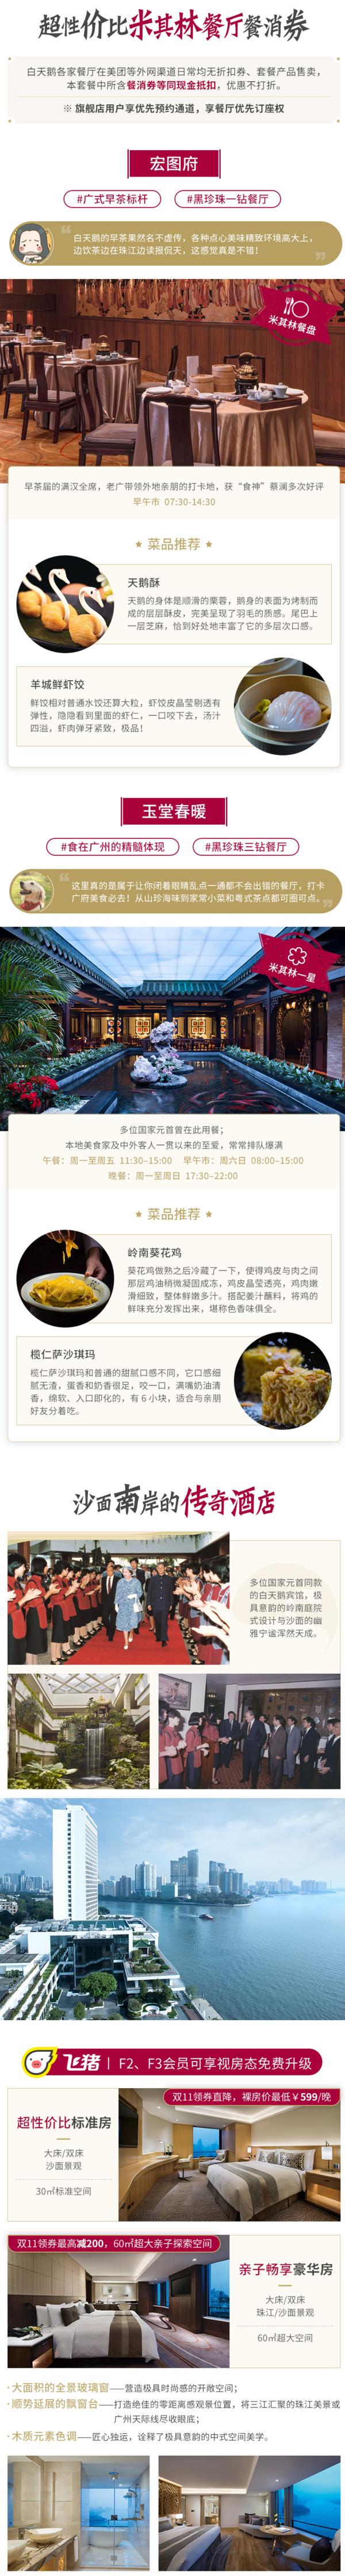 广州白天鹅1晚套餐(可选餐券)  餐厅上榜米其林指南